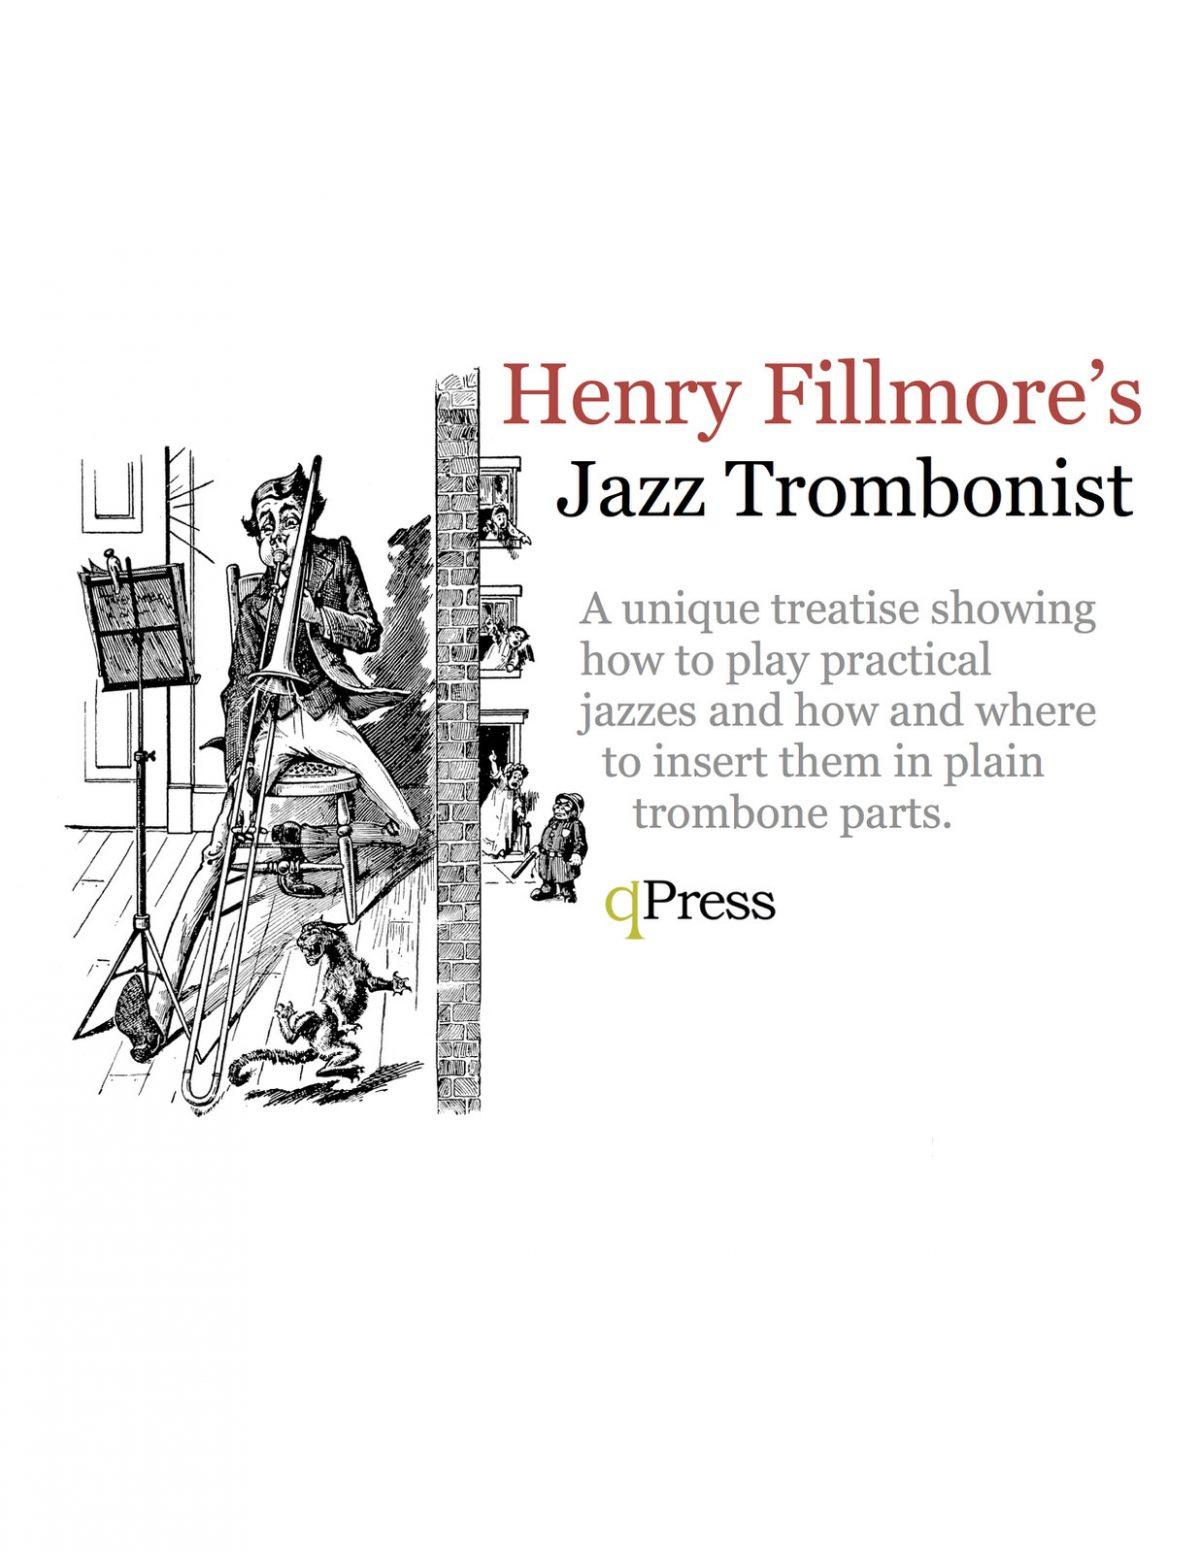 Henry Fillmore's Jazz Trombonist